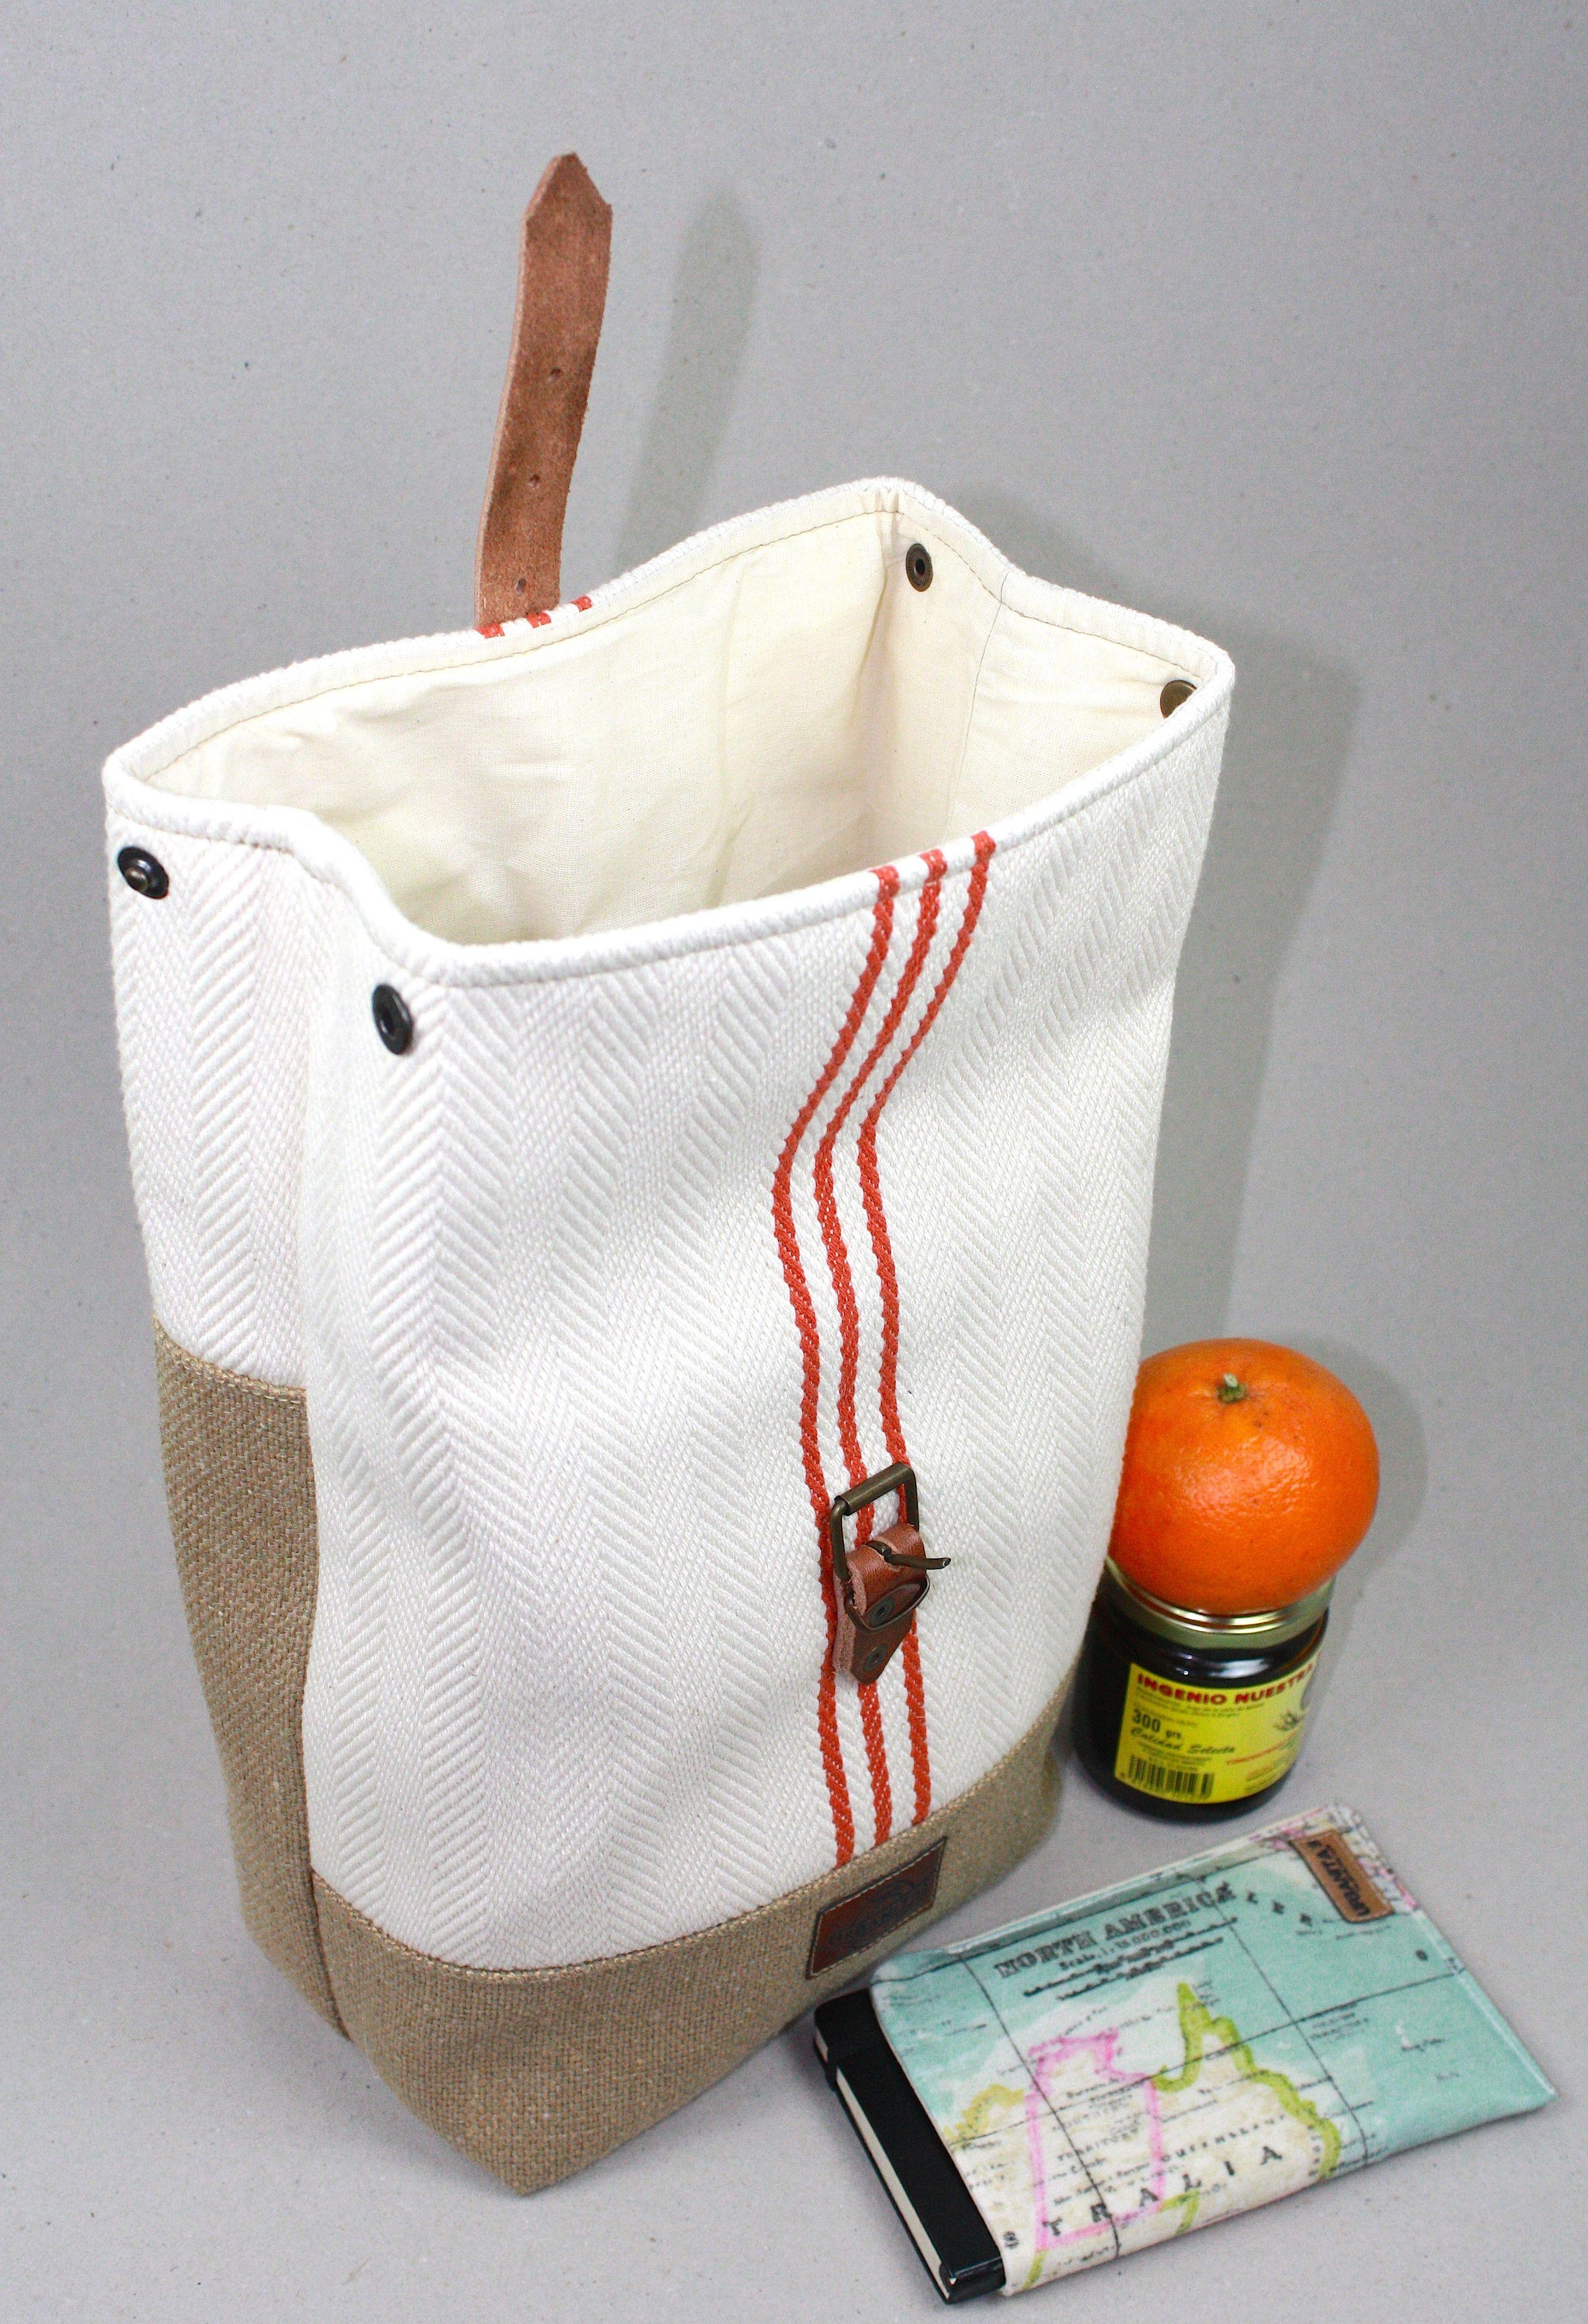 Lunch bags lunch bag tote lunch bag waxed canvas bolsa de explora artculos nicos de urbanitas en etsy un mercado global de productos hechos a mano vintage y creativos gumiabroncs Images